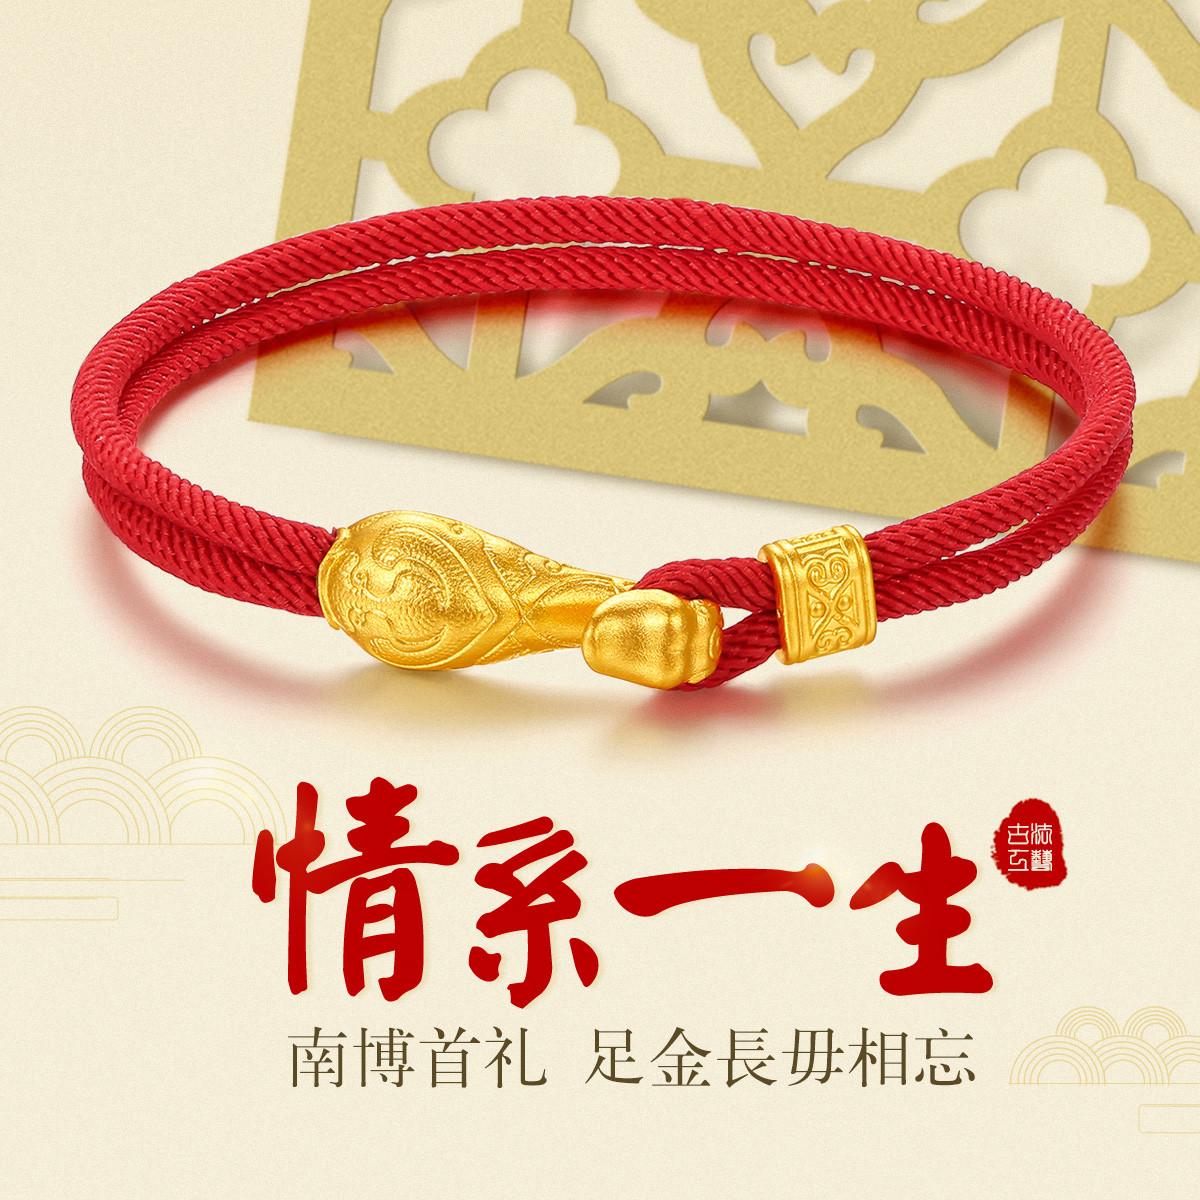 千年千年CEMNI 南博首礼长毋相忘红绳手绳转运黄金手链女QD1150